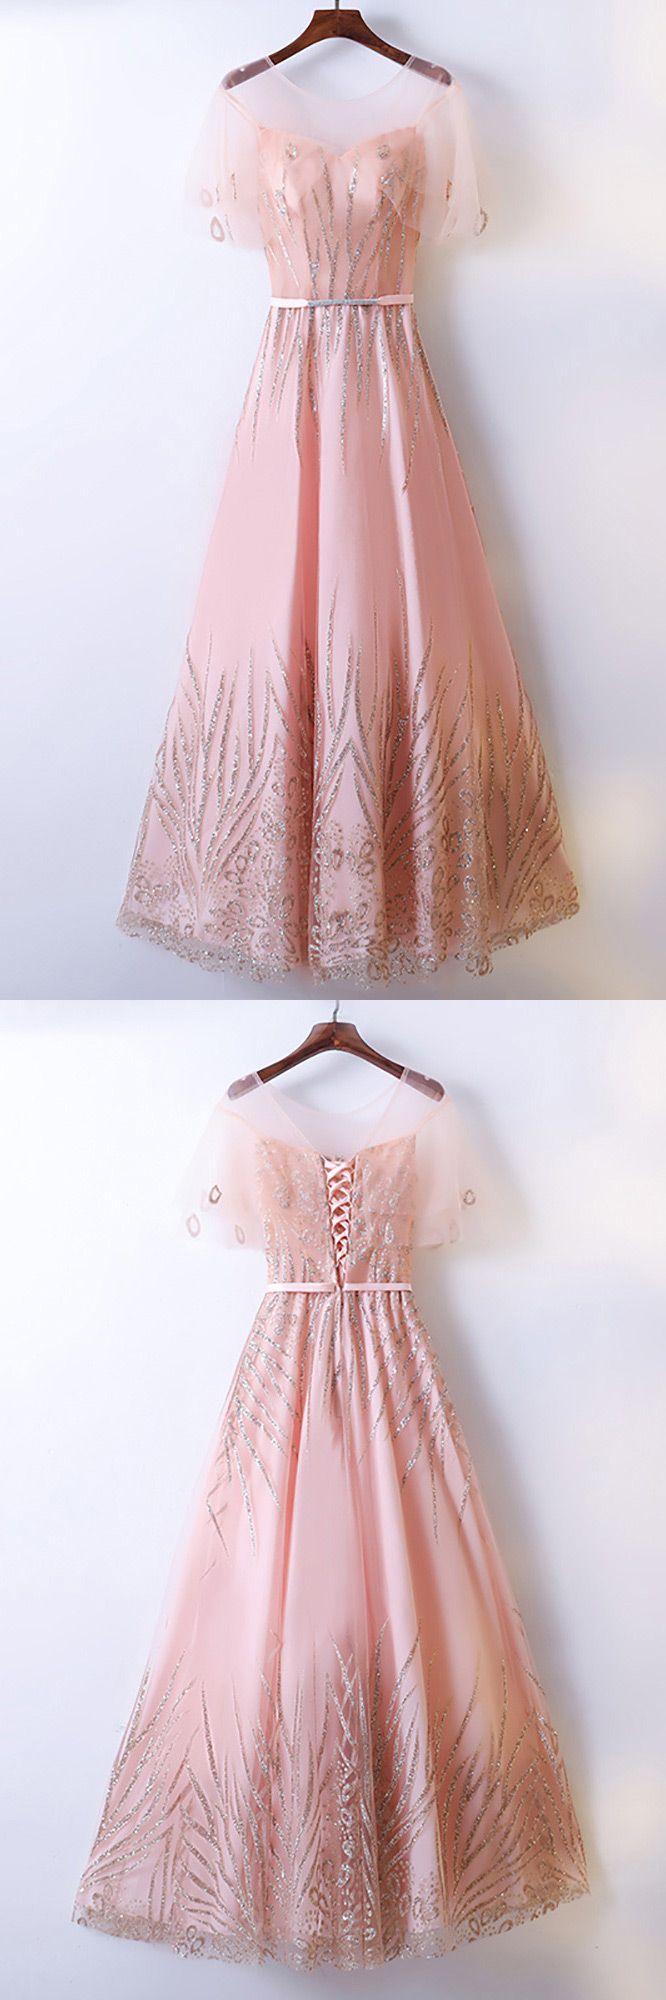 Excepcional Vestidos De Fiesta De Roble Cubierto De Musgo Colección ...